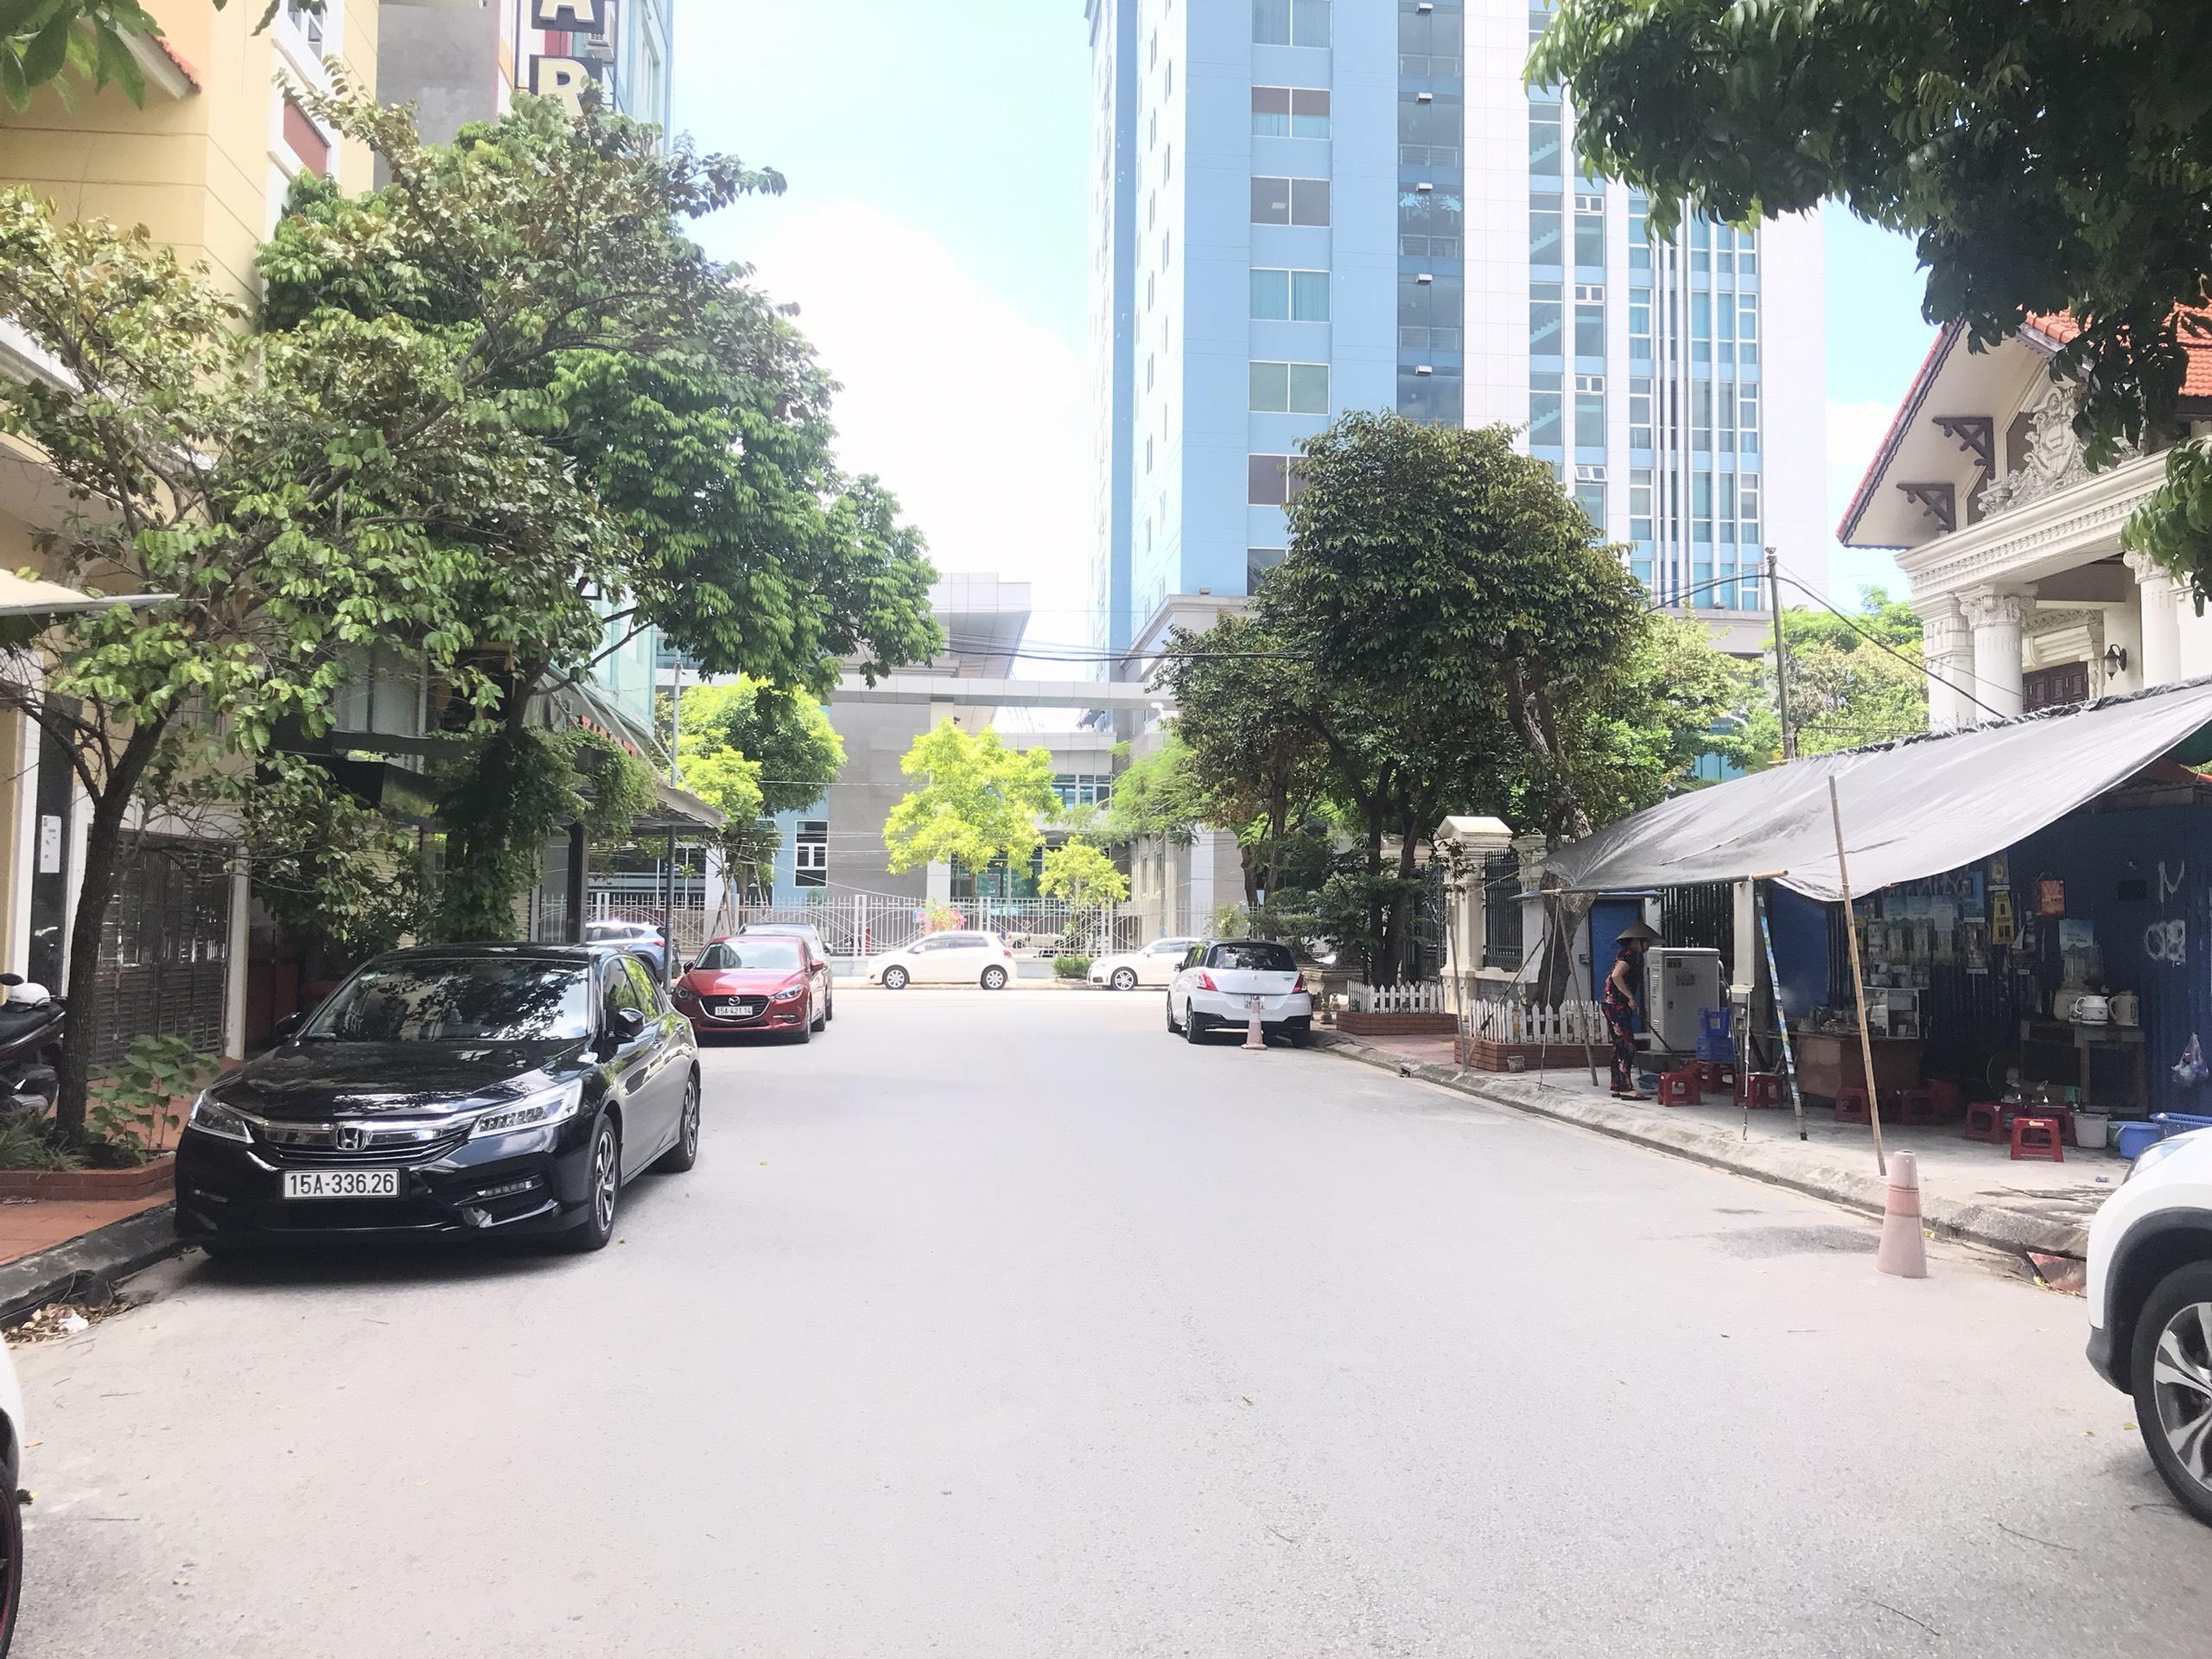 Cần bán gấp lô đất mặt đường Khu TĐC Bắc Cầu, Đằng Hải, Hải An, Hải Phòng